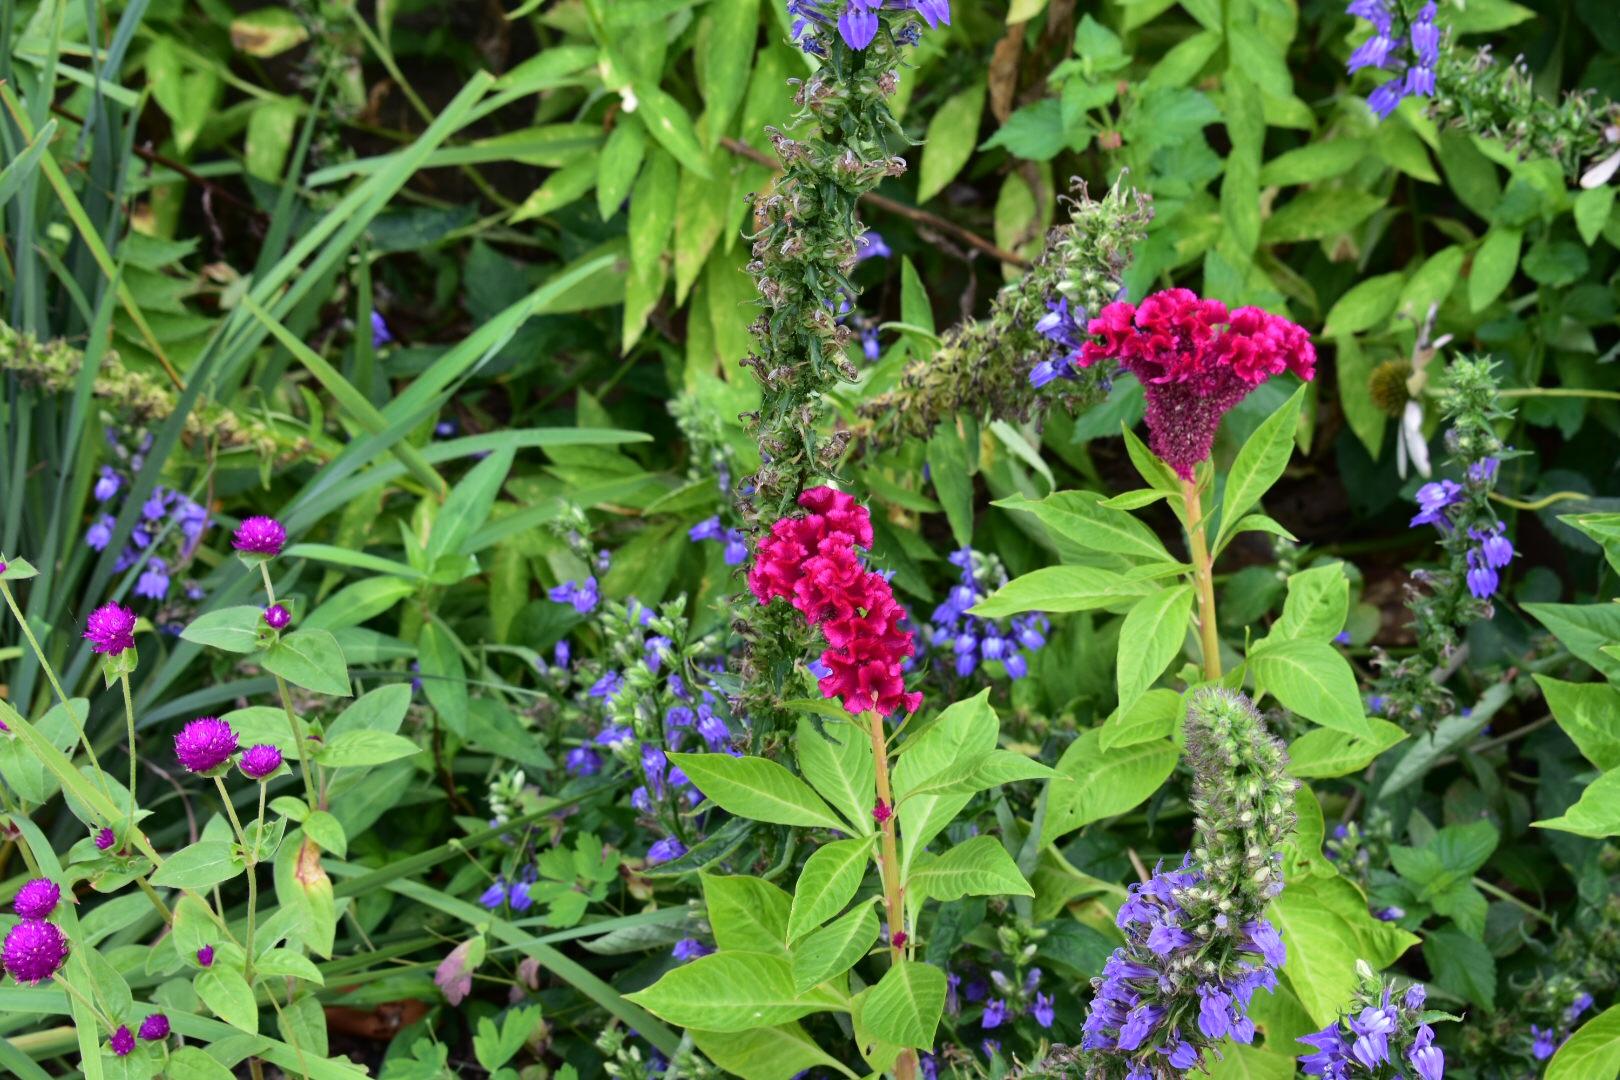 Mount Vernon flowers